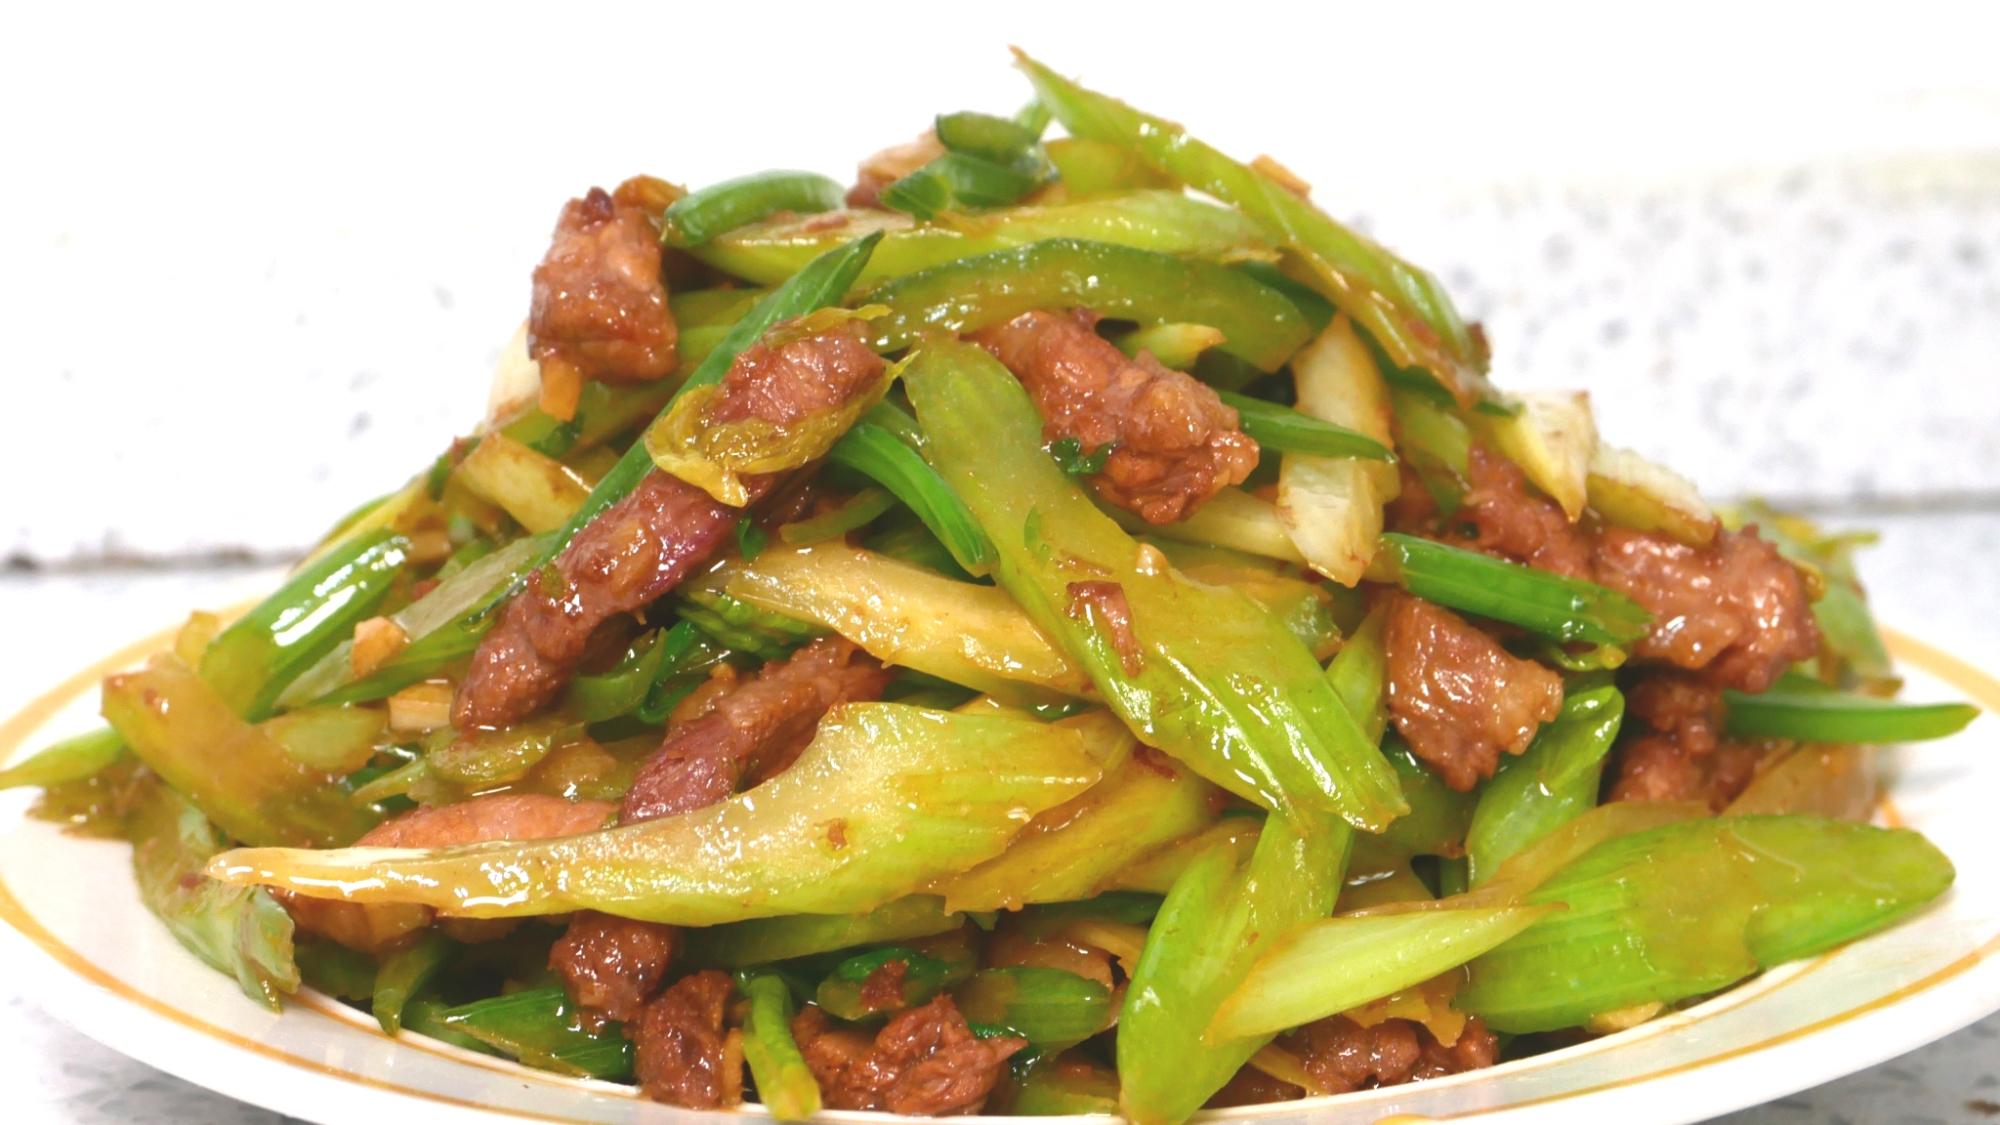 芹菜炒肉家常做法,学会这样做,爽脆开胃,比大饭店的还好吃